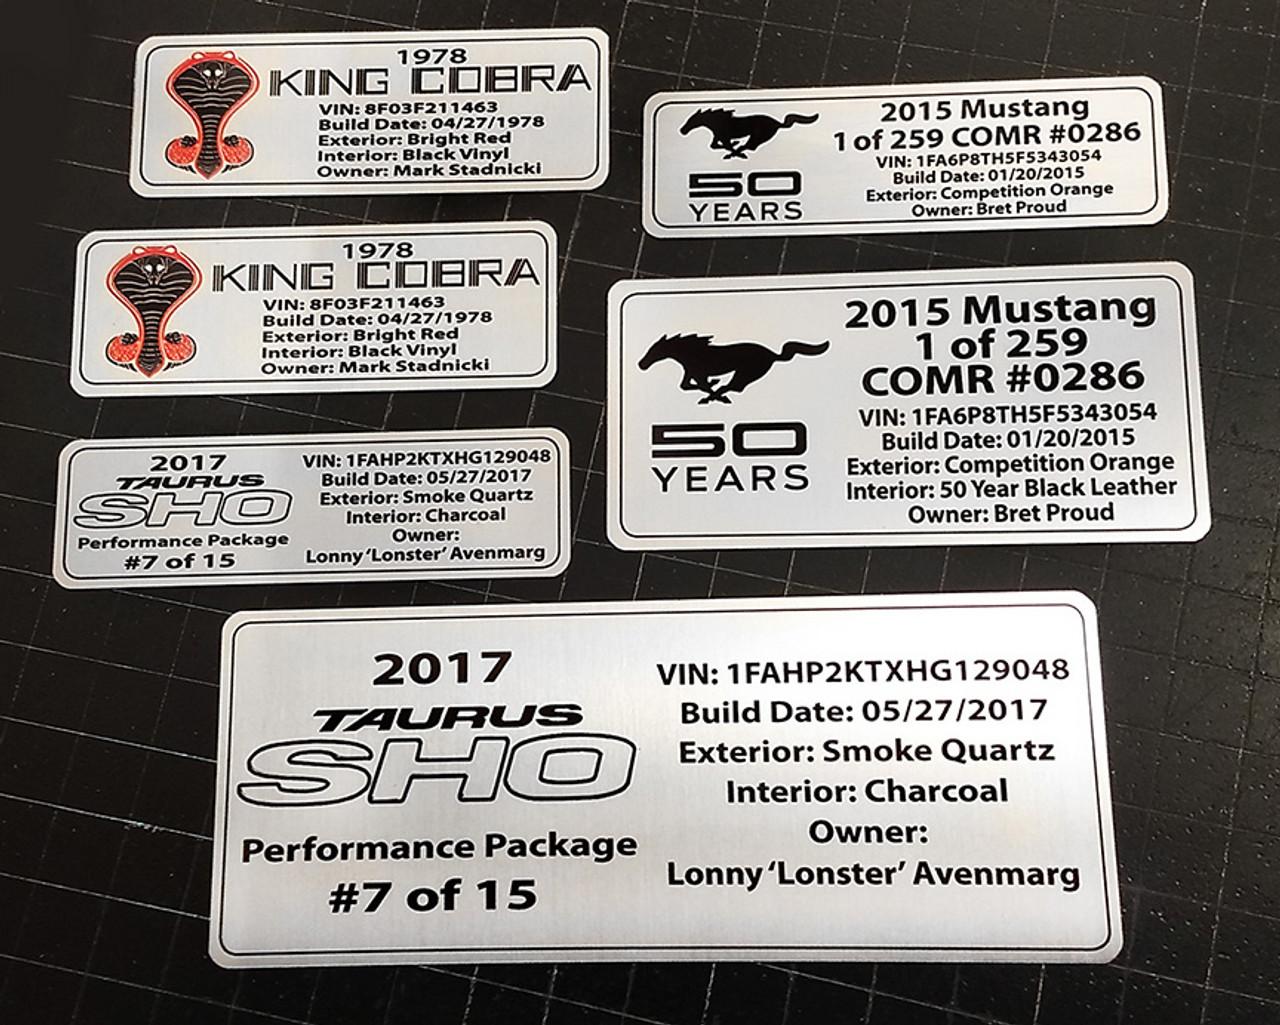 Customized Vehicle Data Plates - Set of 2